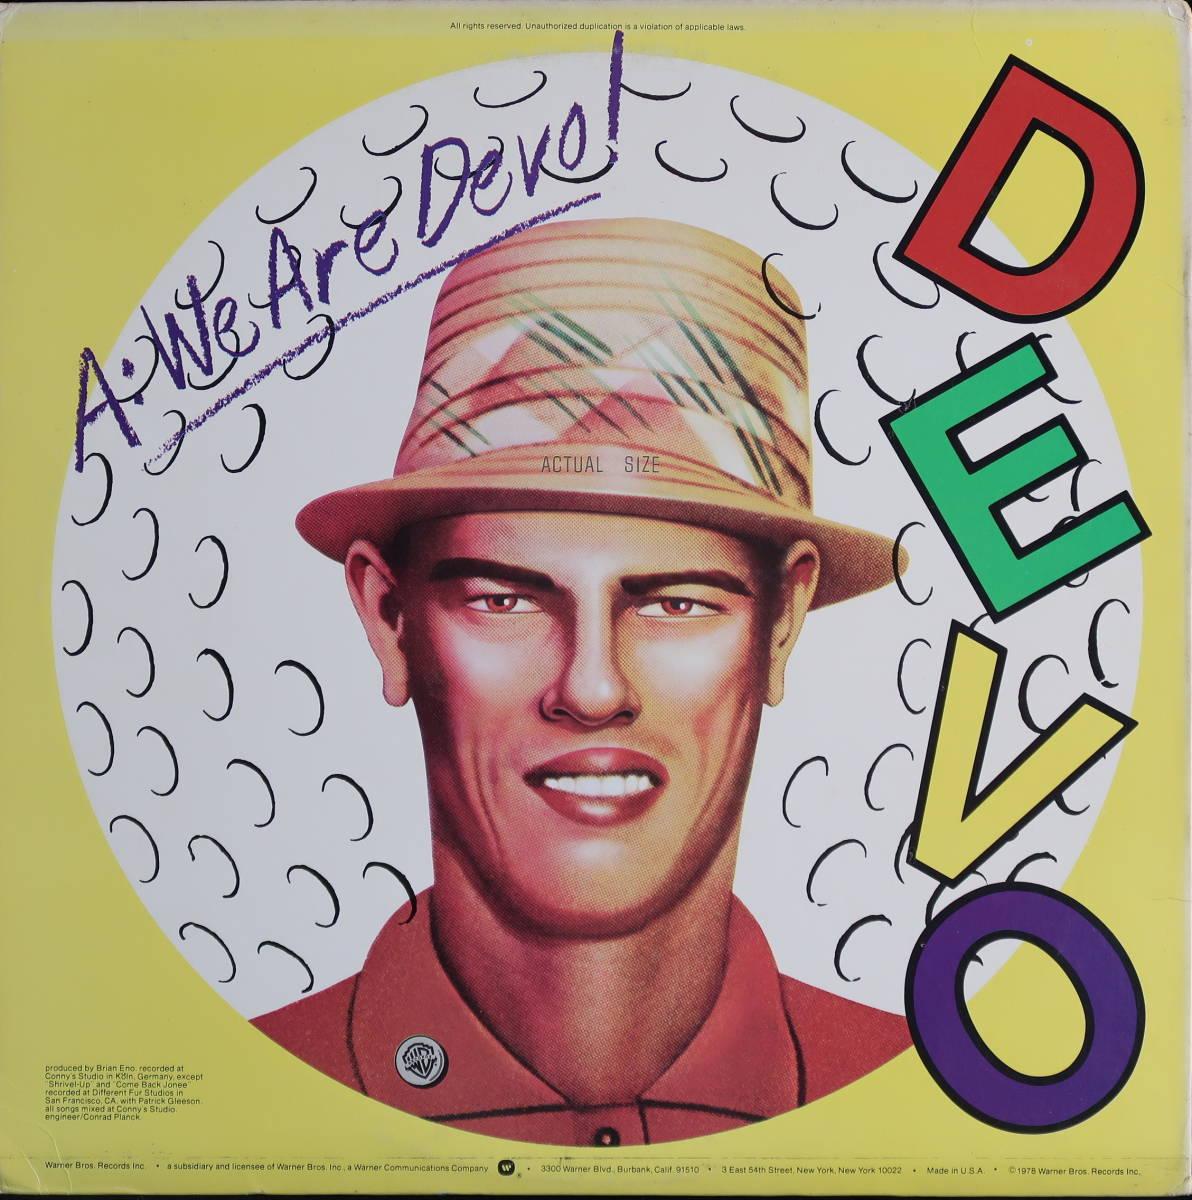 [US盤x2枚セット] DEVO :We Are Devo ! / DUTY NOW FOR THE FUTURE